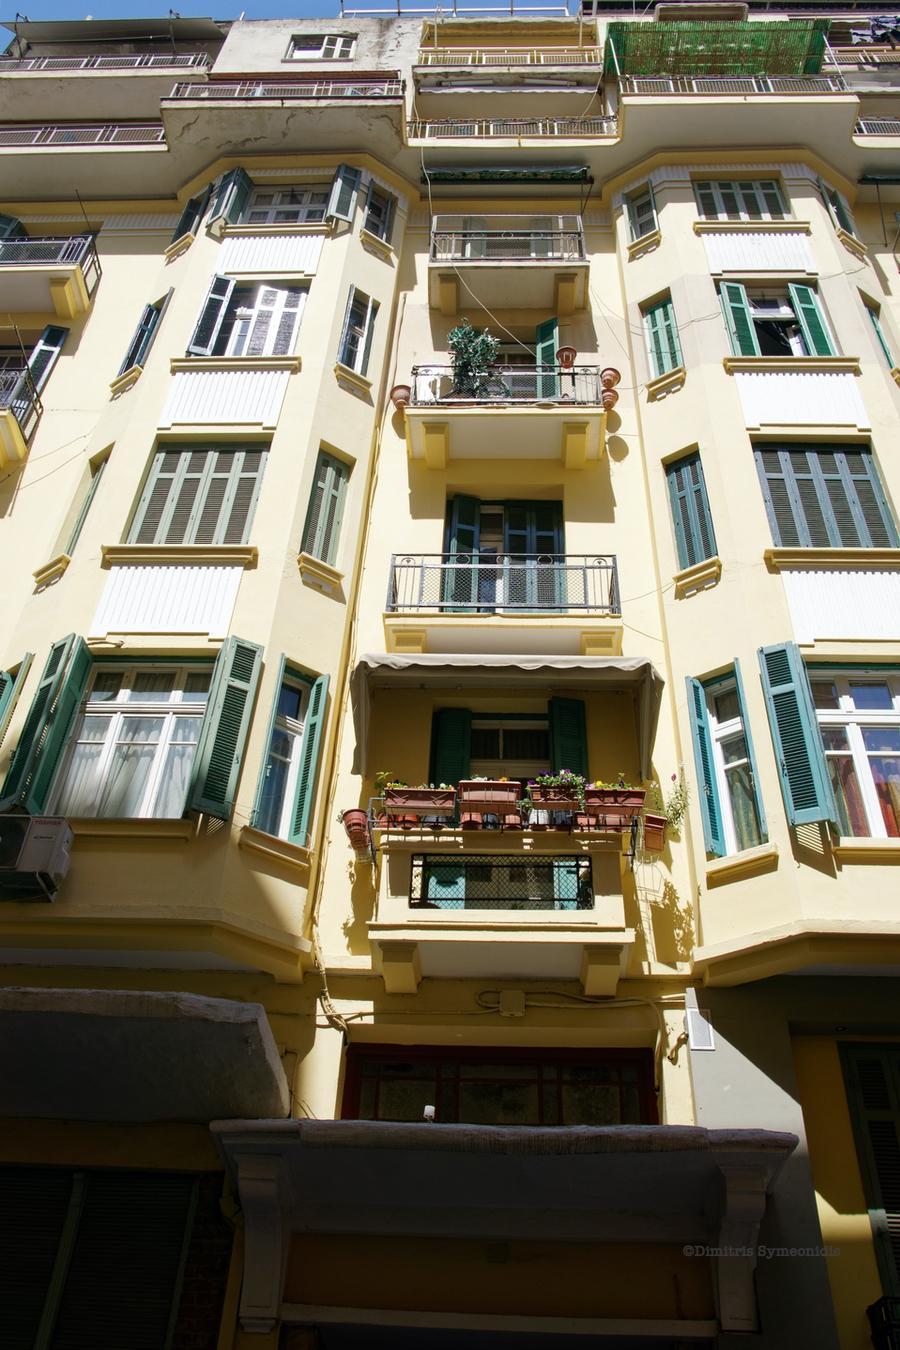 Οδός Γκαρμπολά, η οικογένεια και η πρώτη εφημερίδα της Θεσσαλονίκης